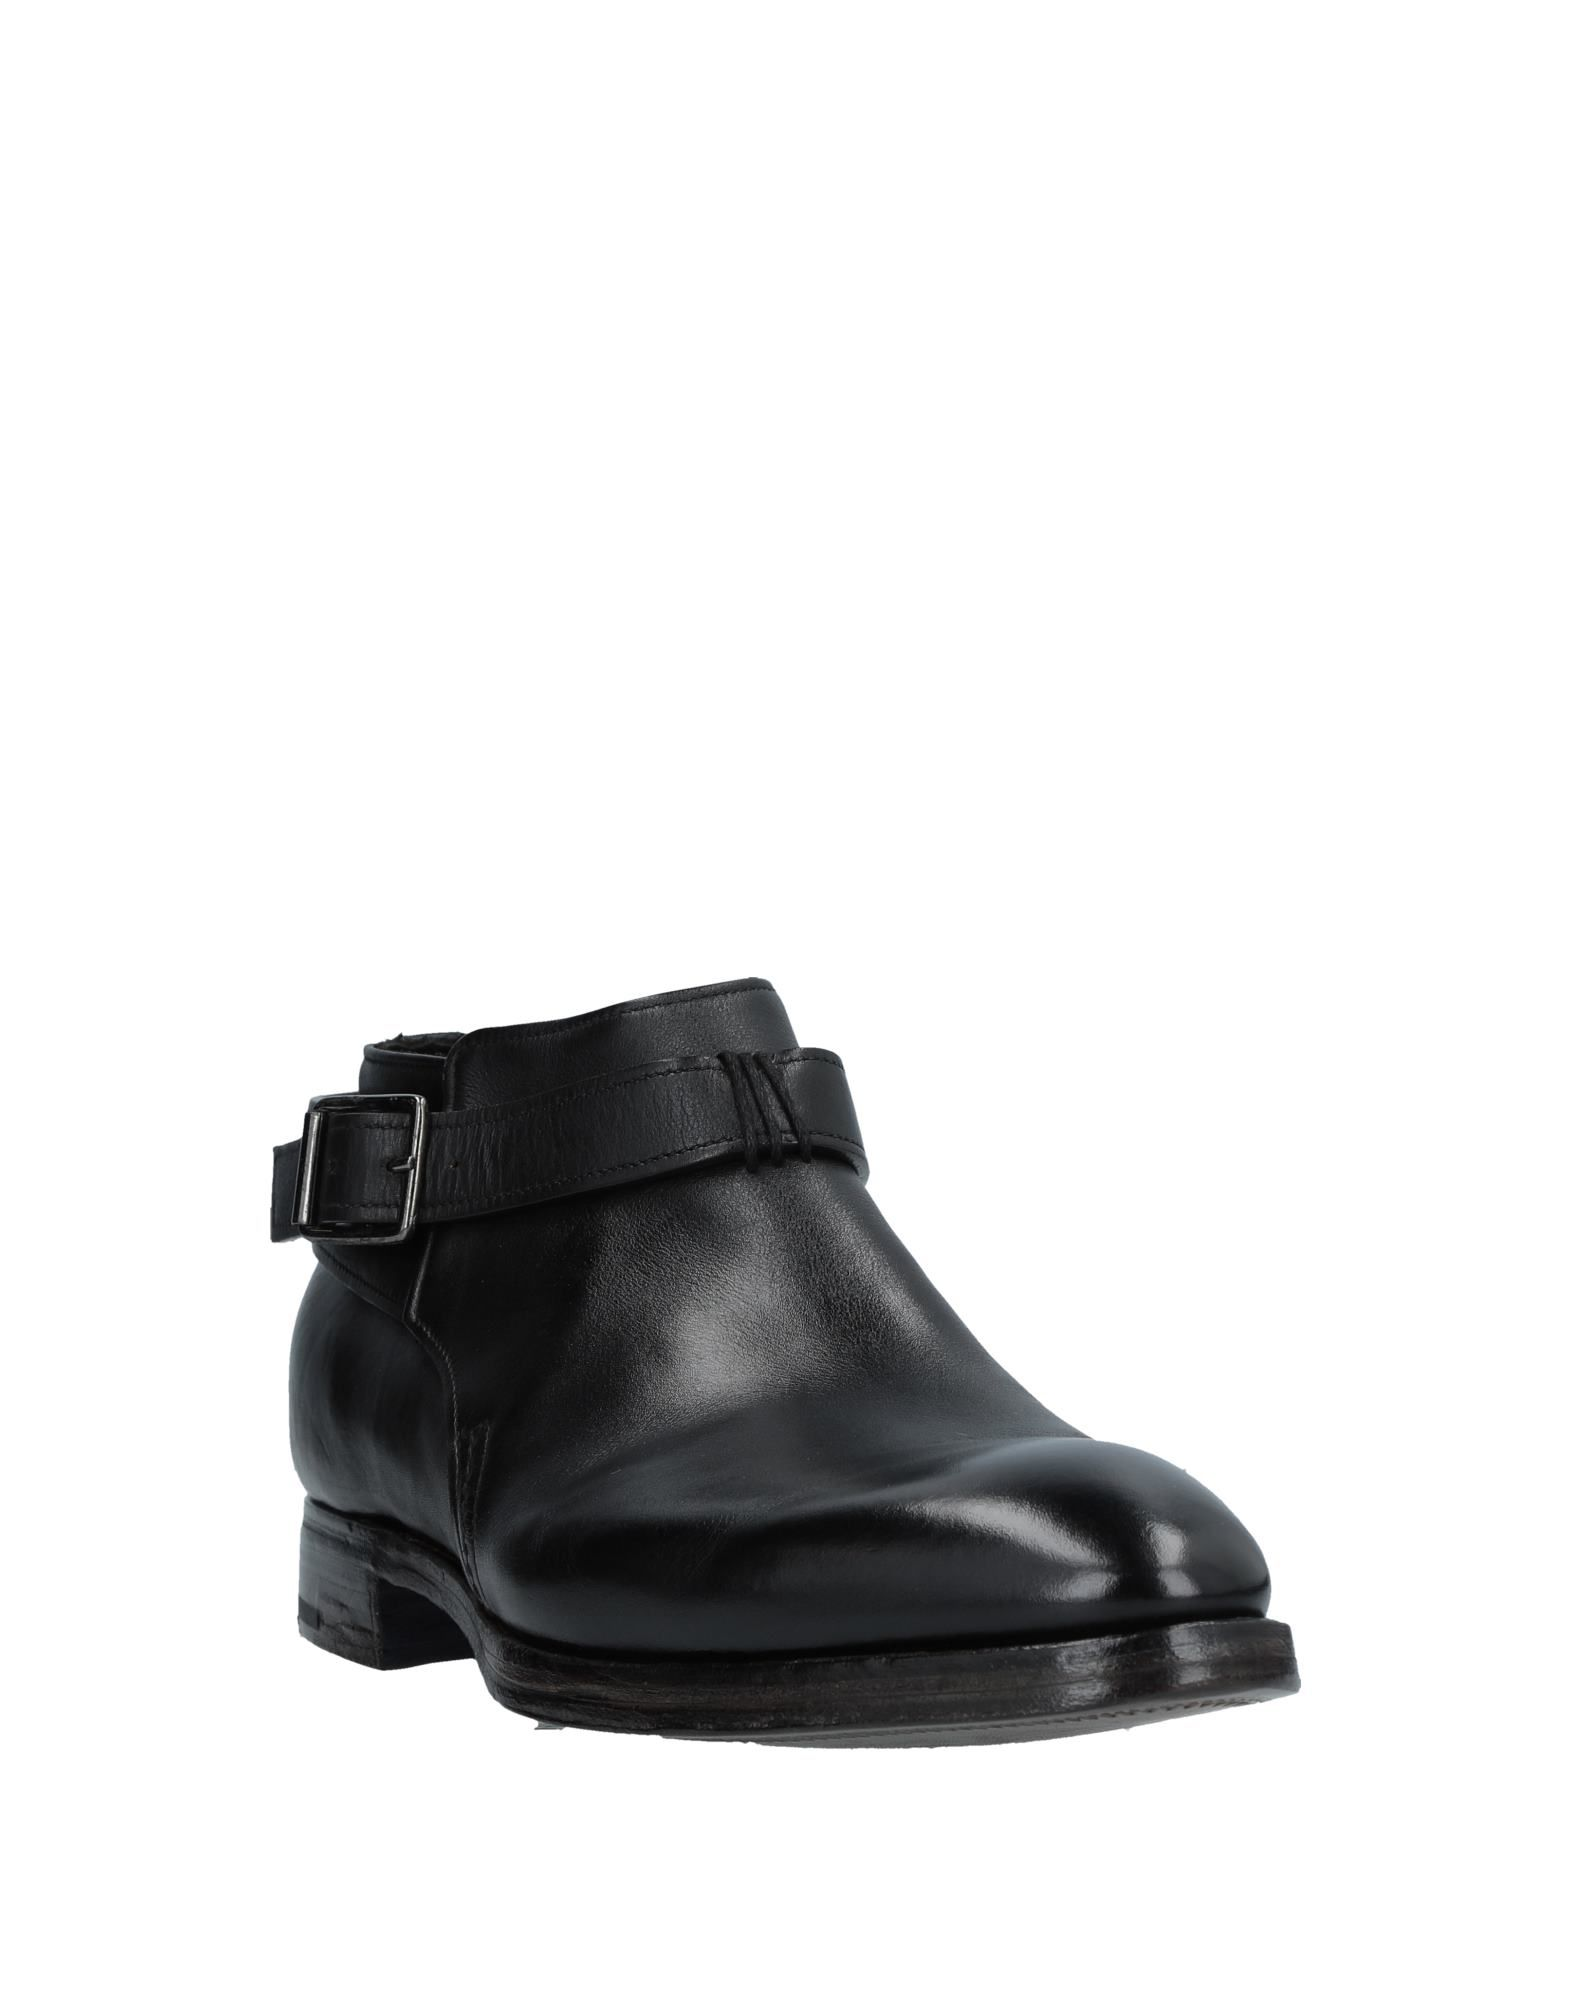 Premiata Stiefelette Herren  11528774OK Schuhe Gute Qualität beliebte Schuhe 11528774OK 12661c